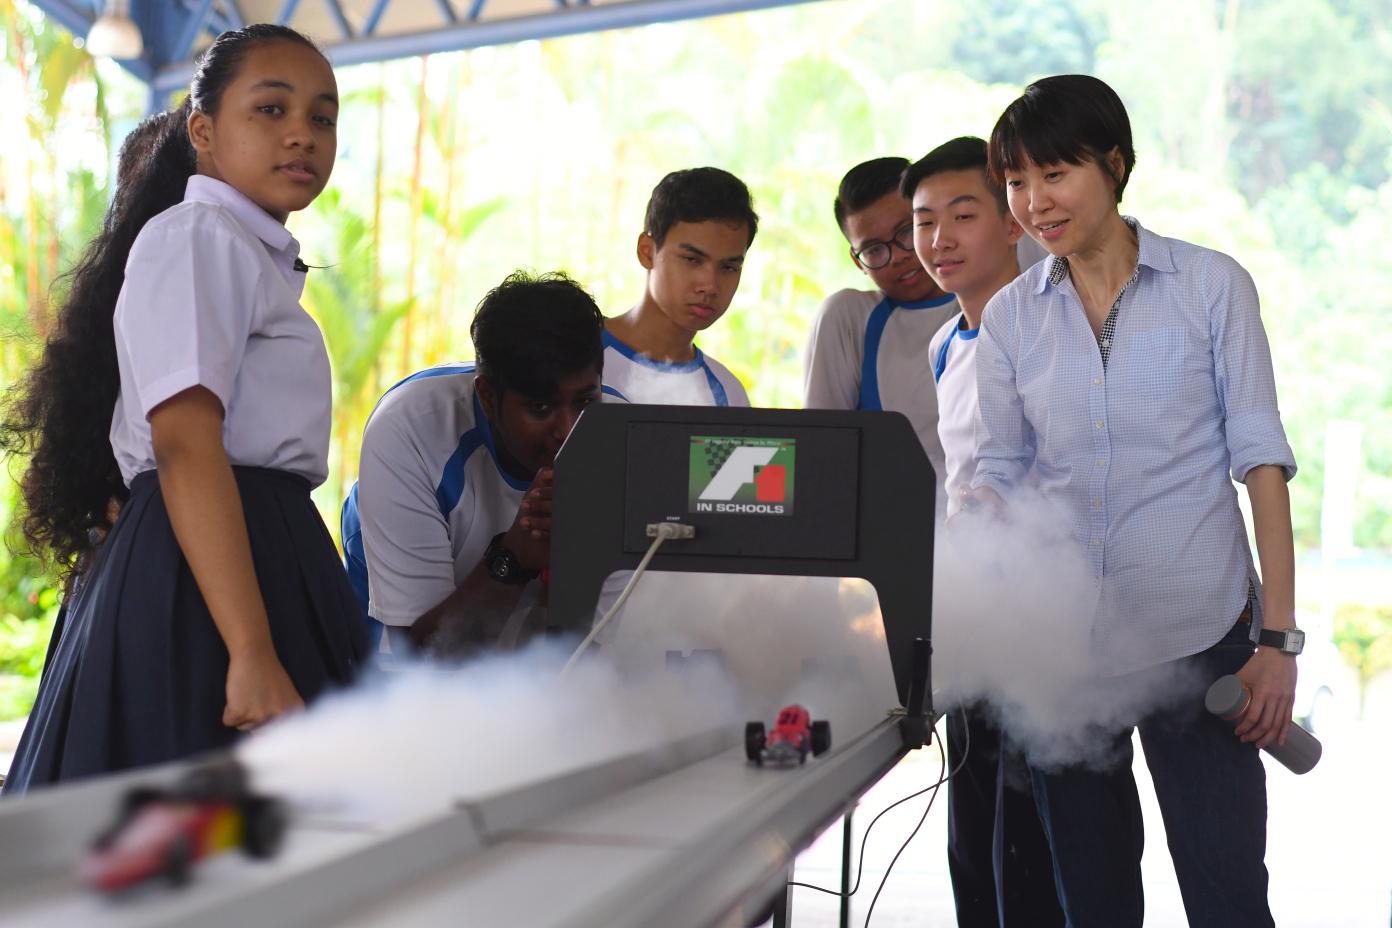 Training in Schools - Singapore - Yusof Ishak - F1 in Schools 04